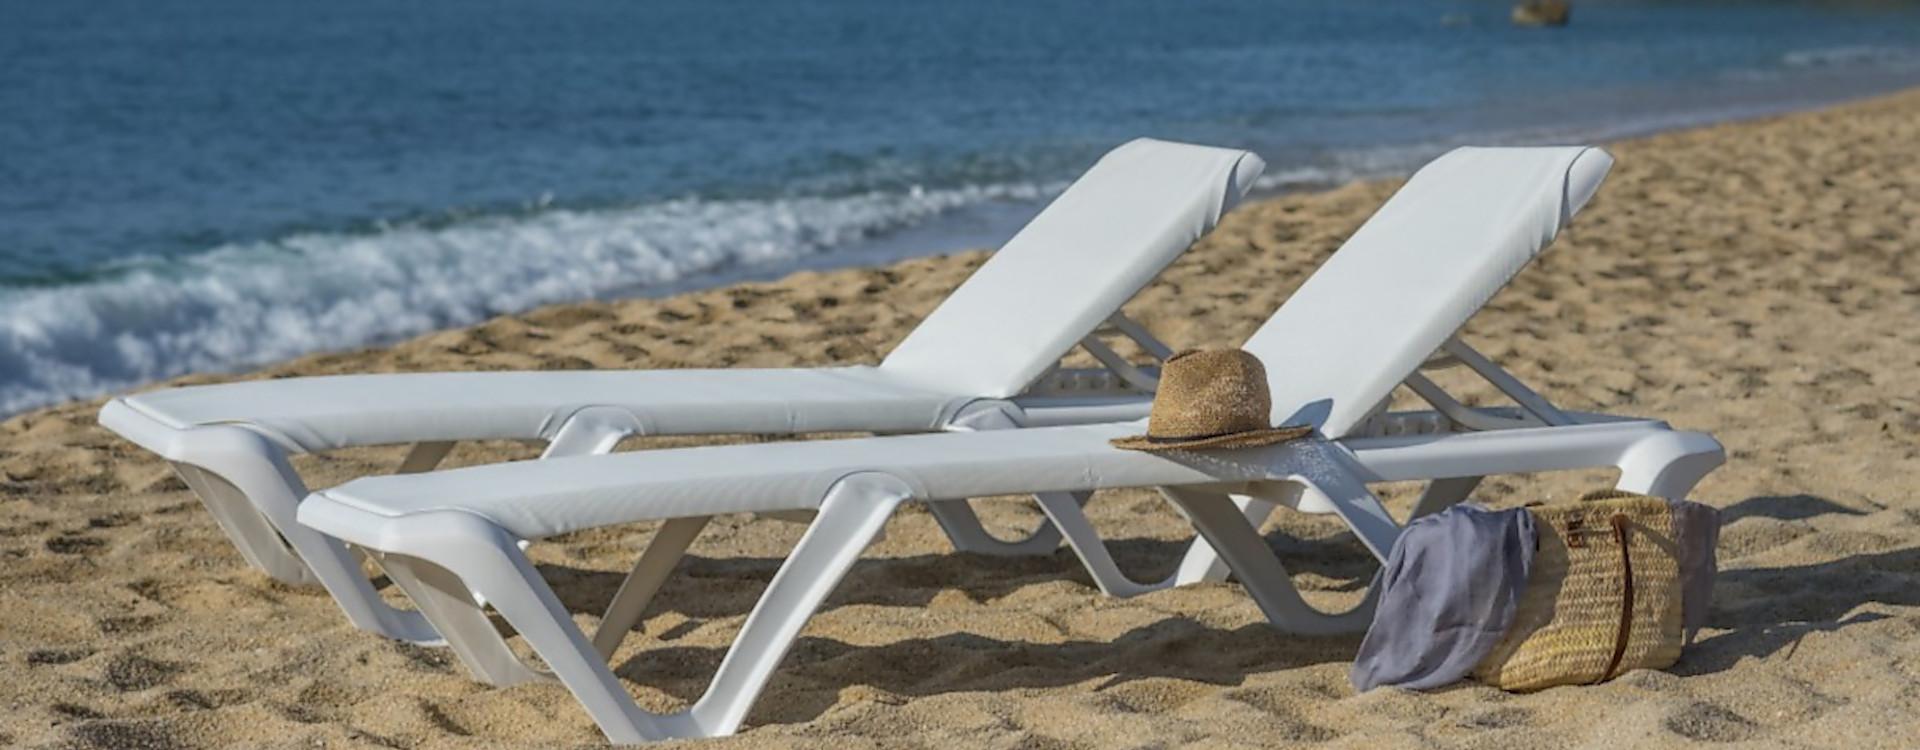 Купити іспанські пляжні пластикові шезлонги Balliu від офіційного імпортера в Україну